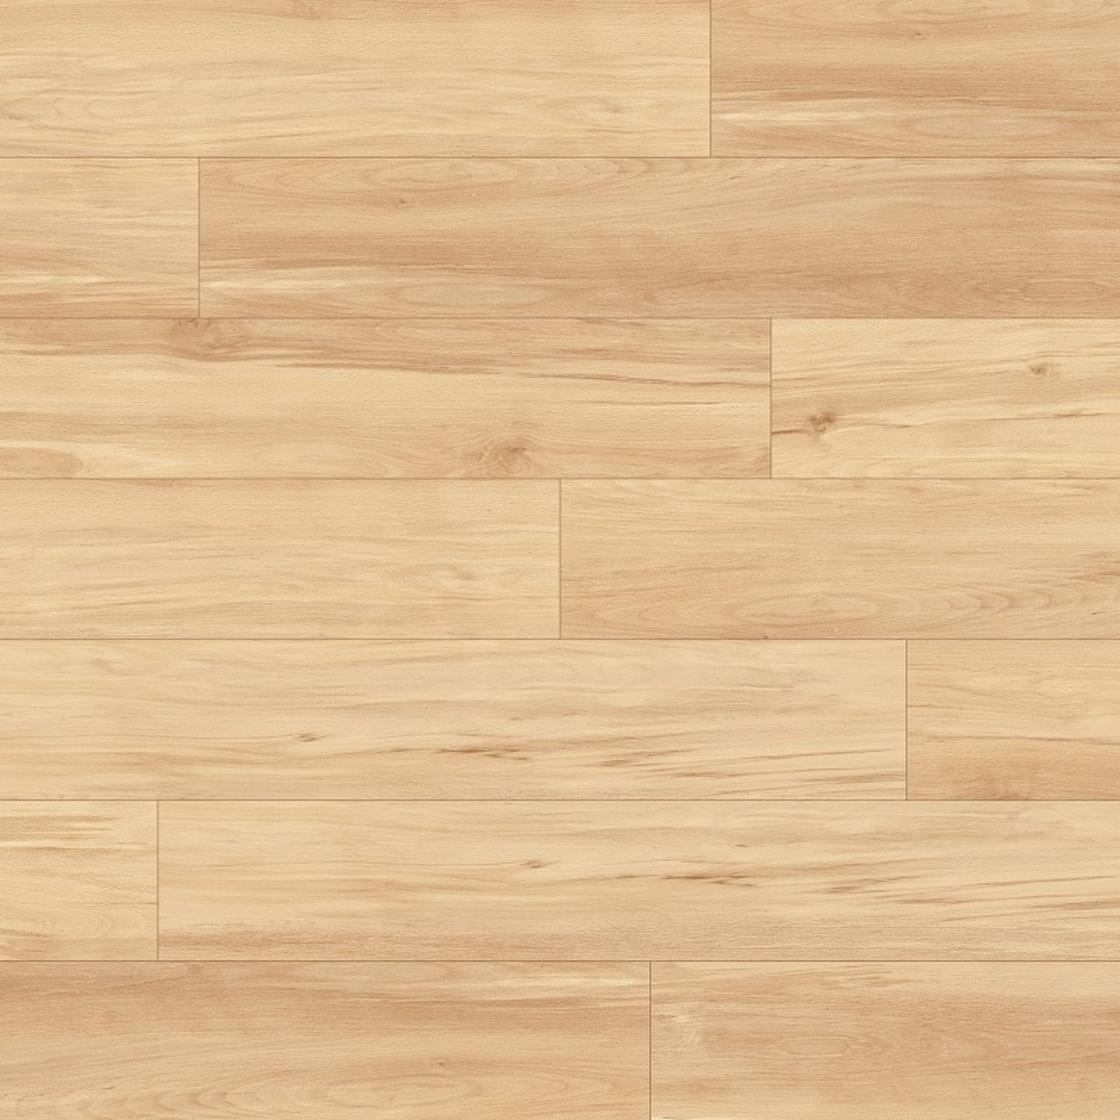 Dlw Flooring Naturecore Classic Beech Light 1130 167 Bioboden Gunstig Kauf